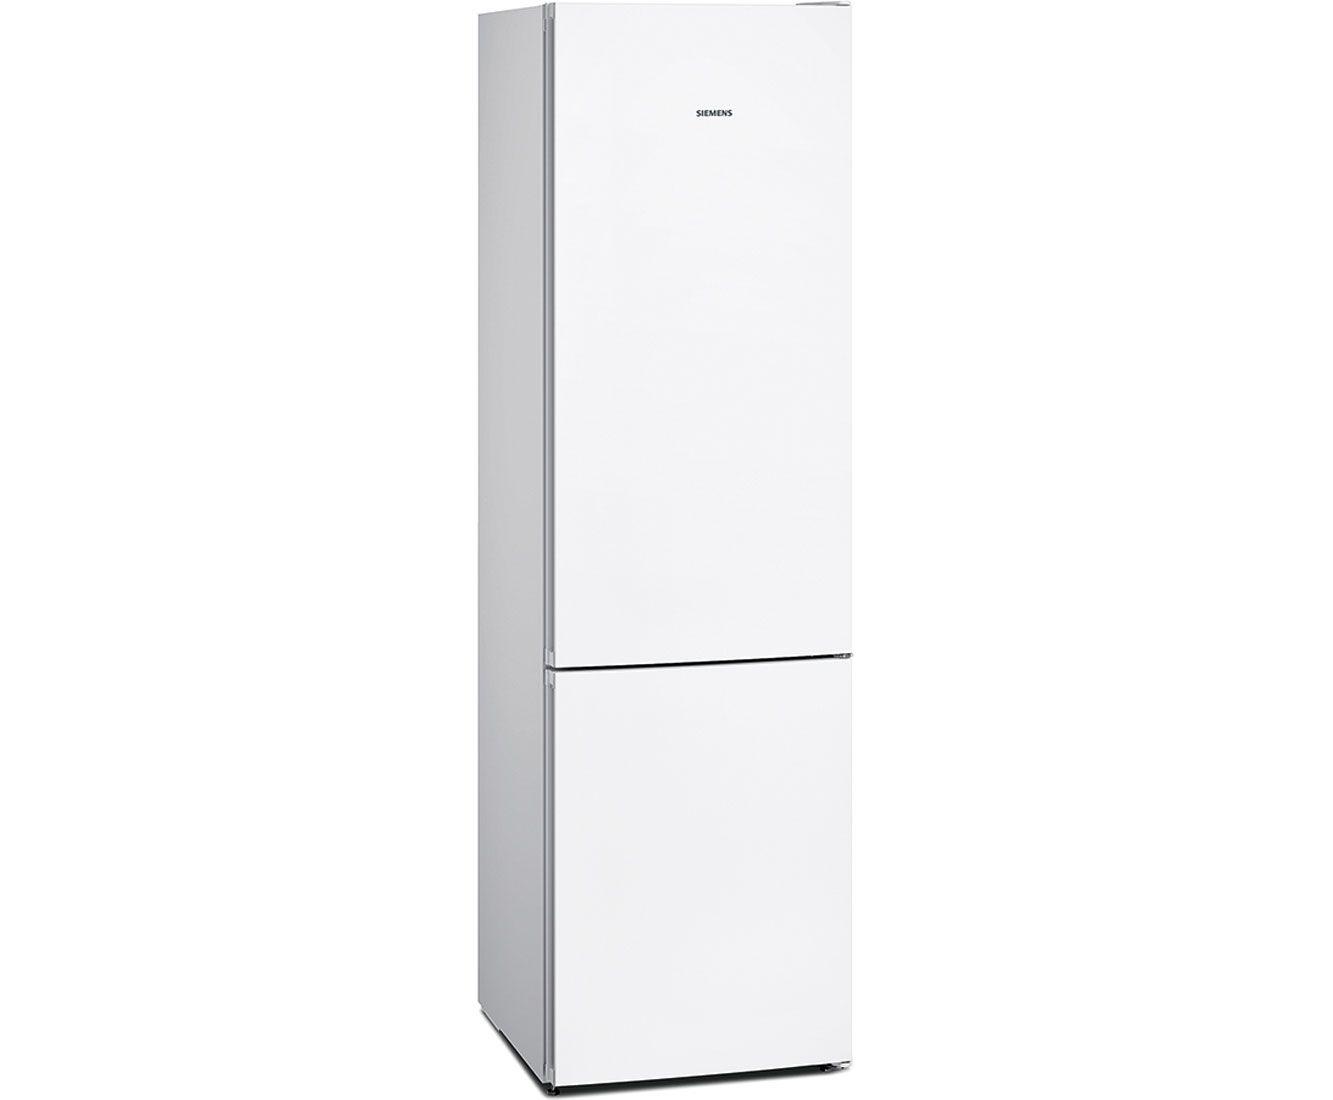 Siemens IQ300 KG39NVW35 Kühl Gefrierkombination Mit No Frost   60er Breite,  Weiß, A++